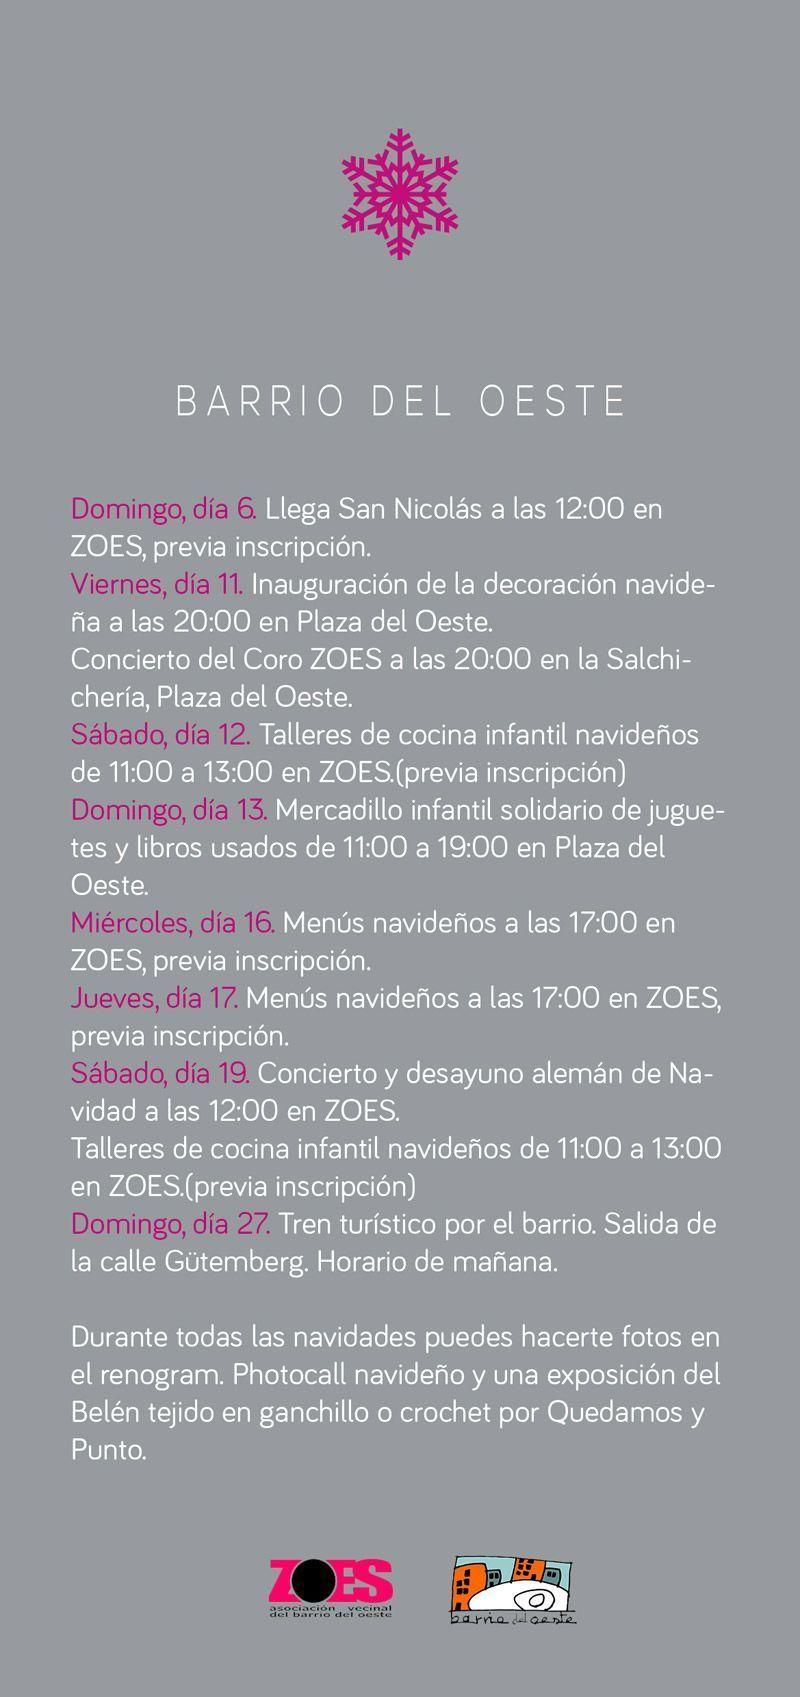 cartelnavidad2015barriodeloeste